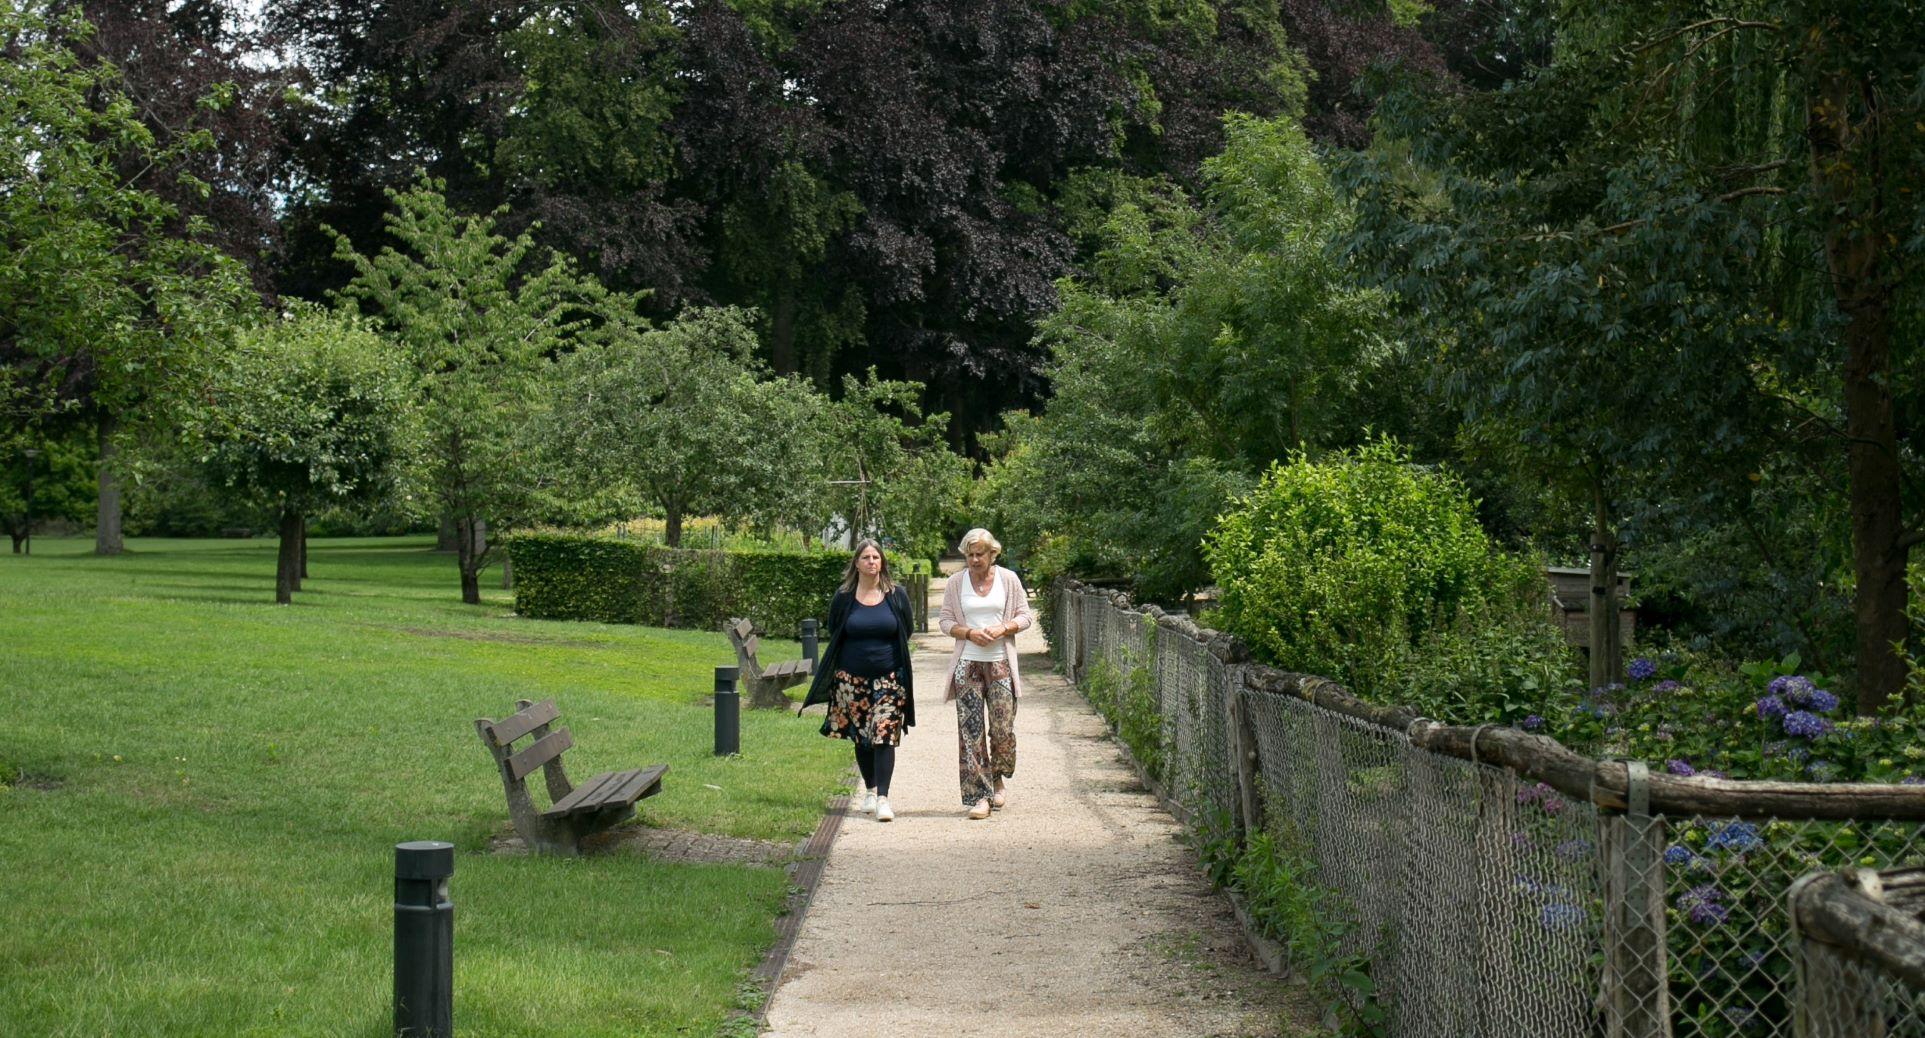 Wandelen lopen samen twee dames rust groen ruimte